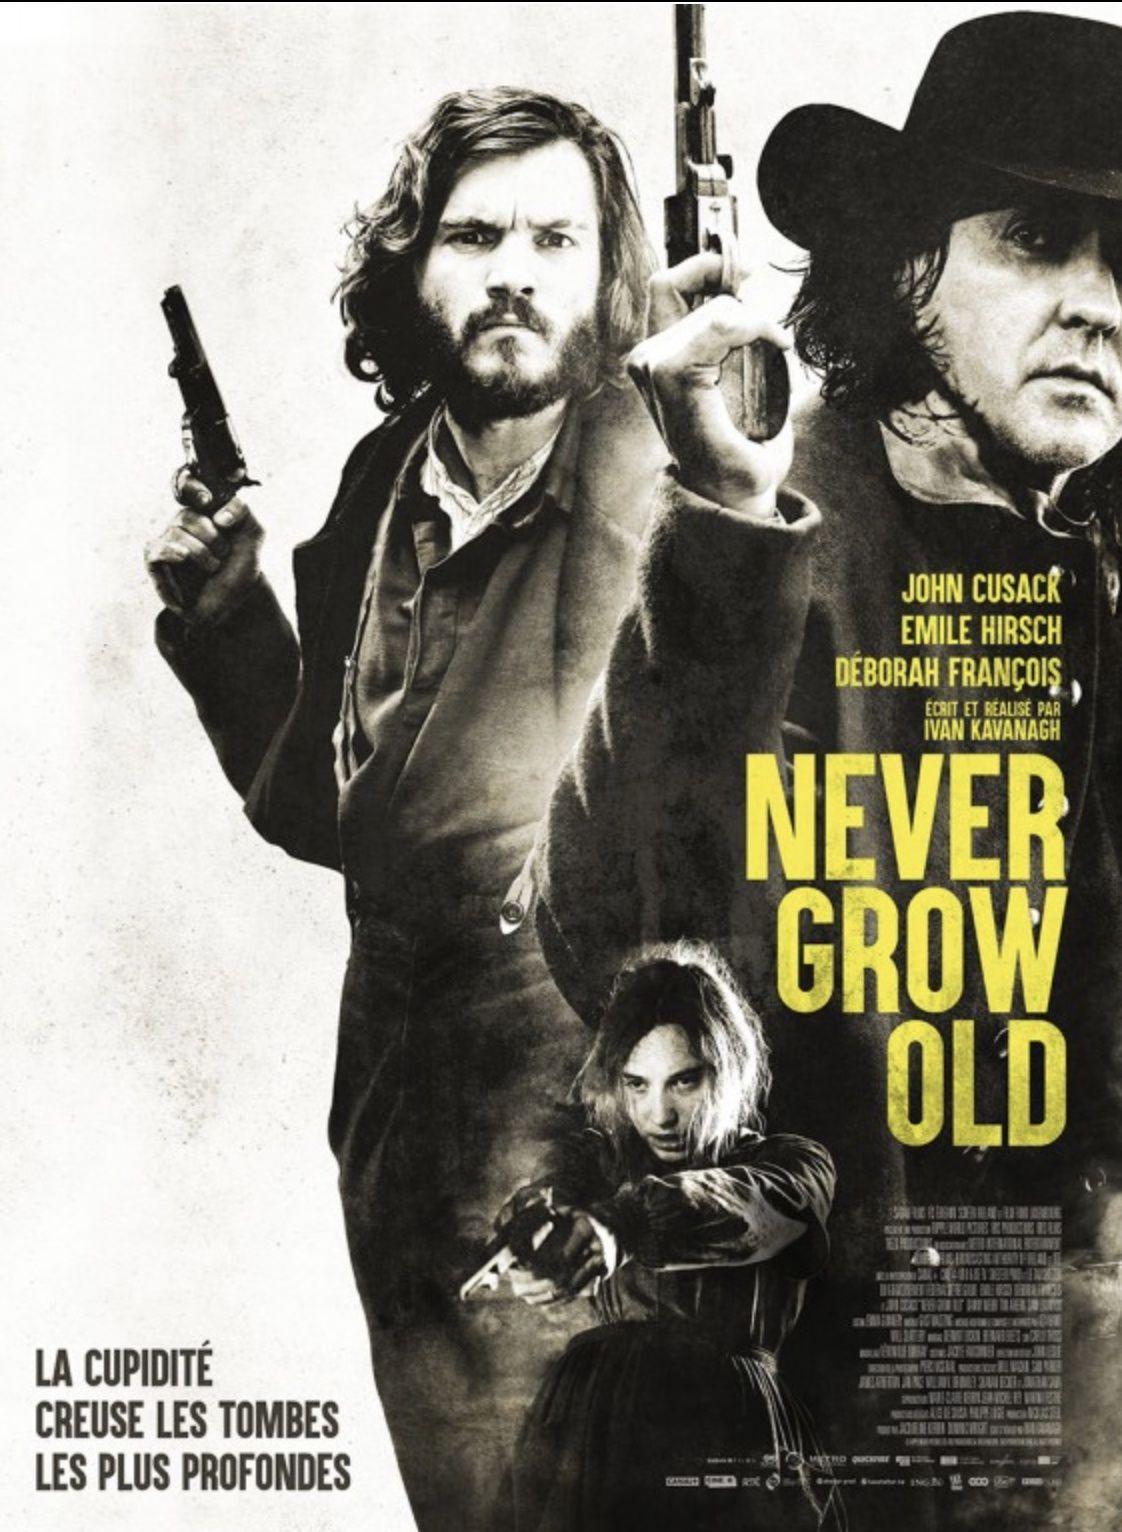 Dans les salles dès ce mercredi, le film Never Grow Old.